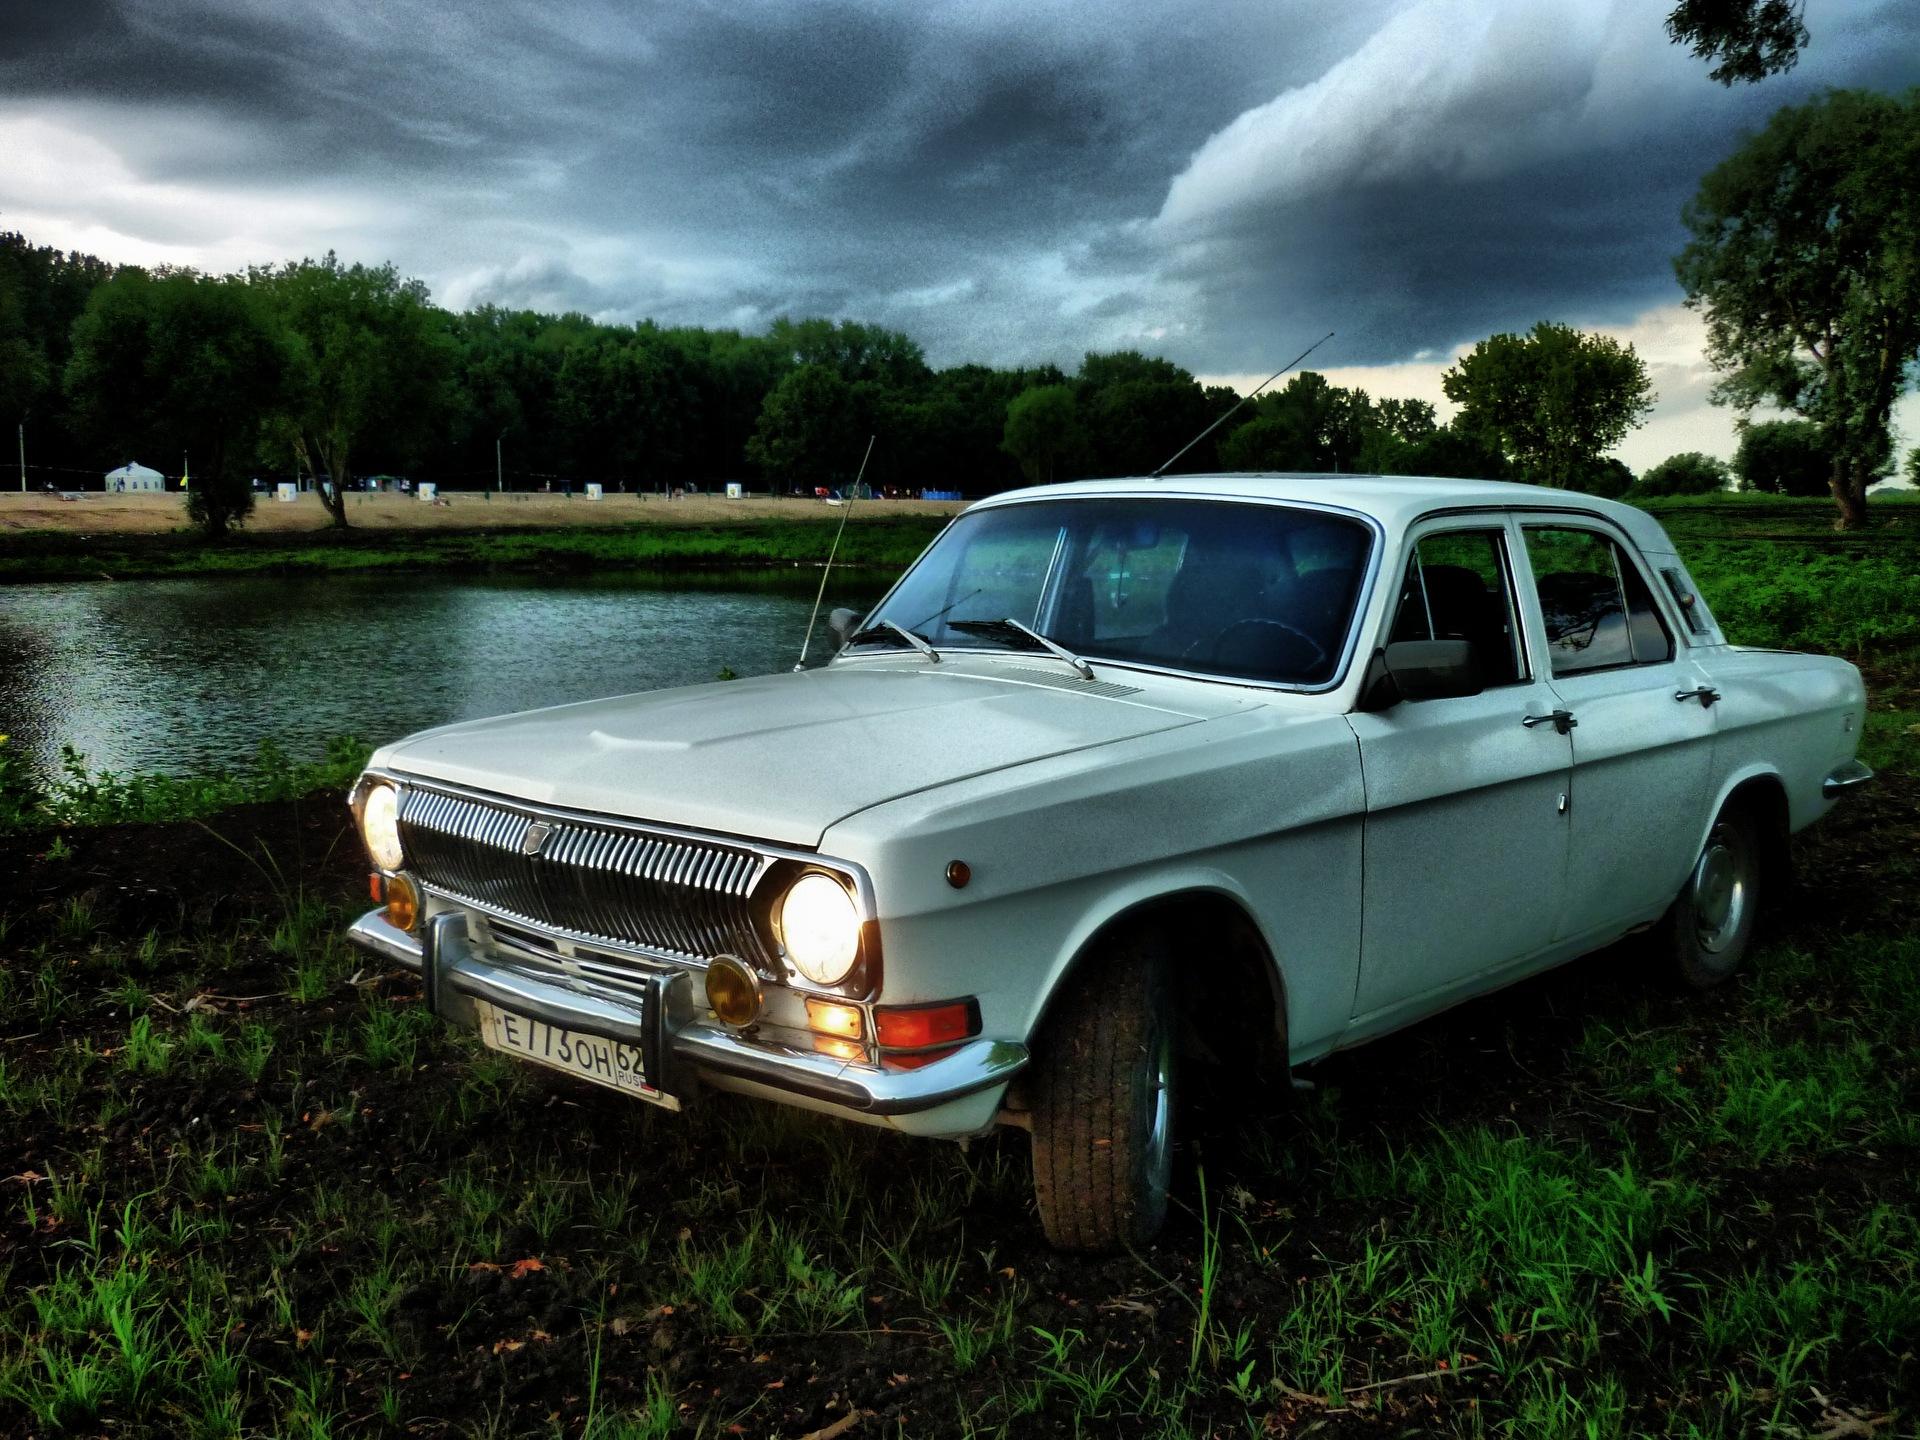 Лучшие фотографии автомобилей школу даша